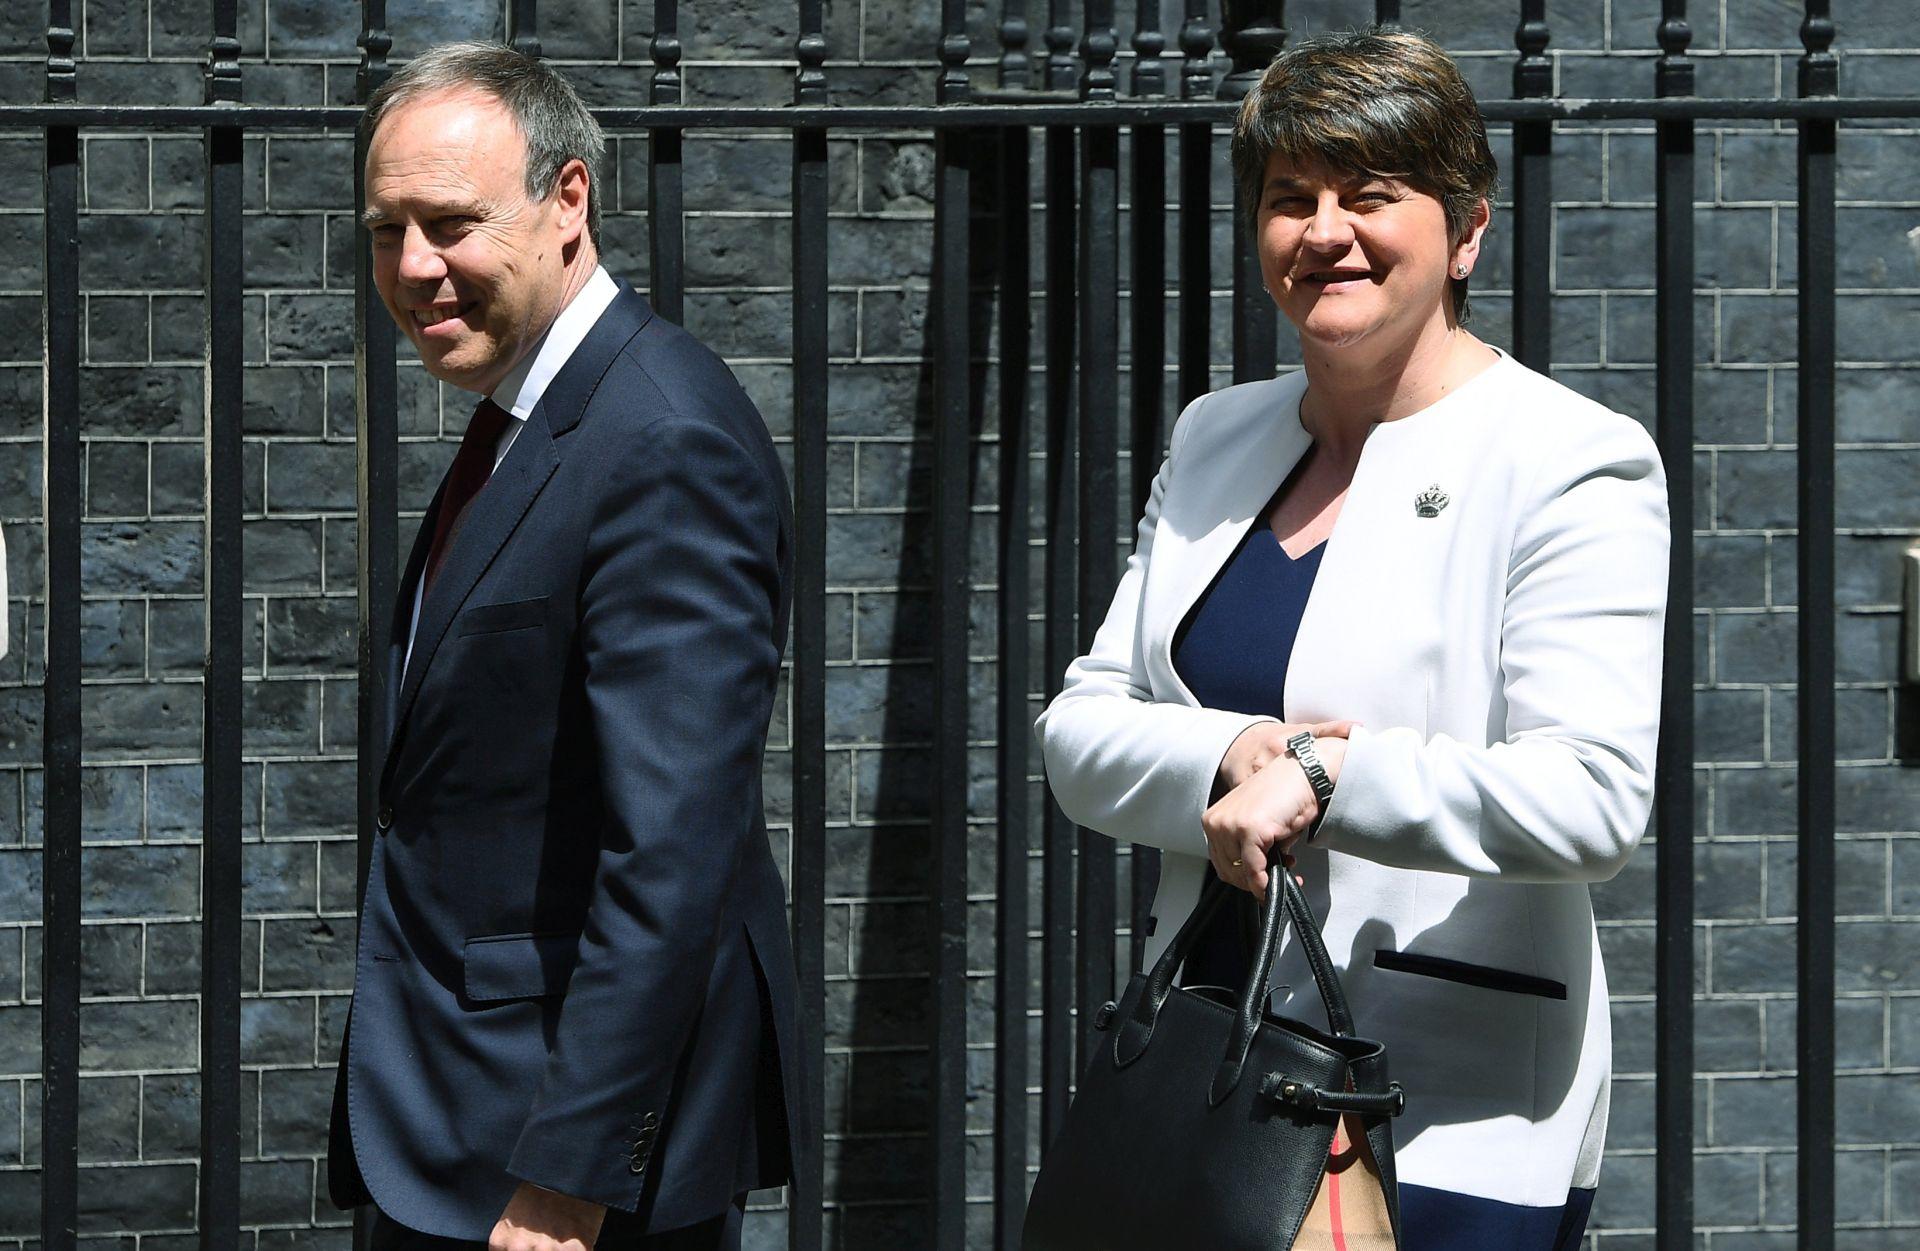 Čelnica sjevernoirskog DUP-a tvrdi da je blizu dogovora s konzervativcima Therese May